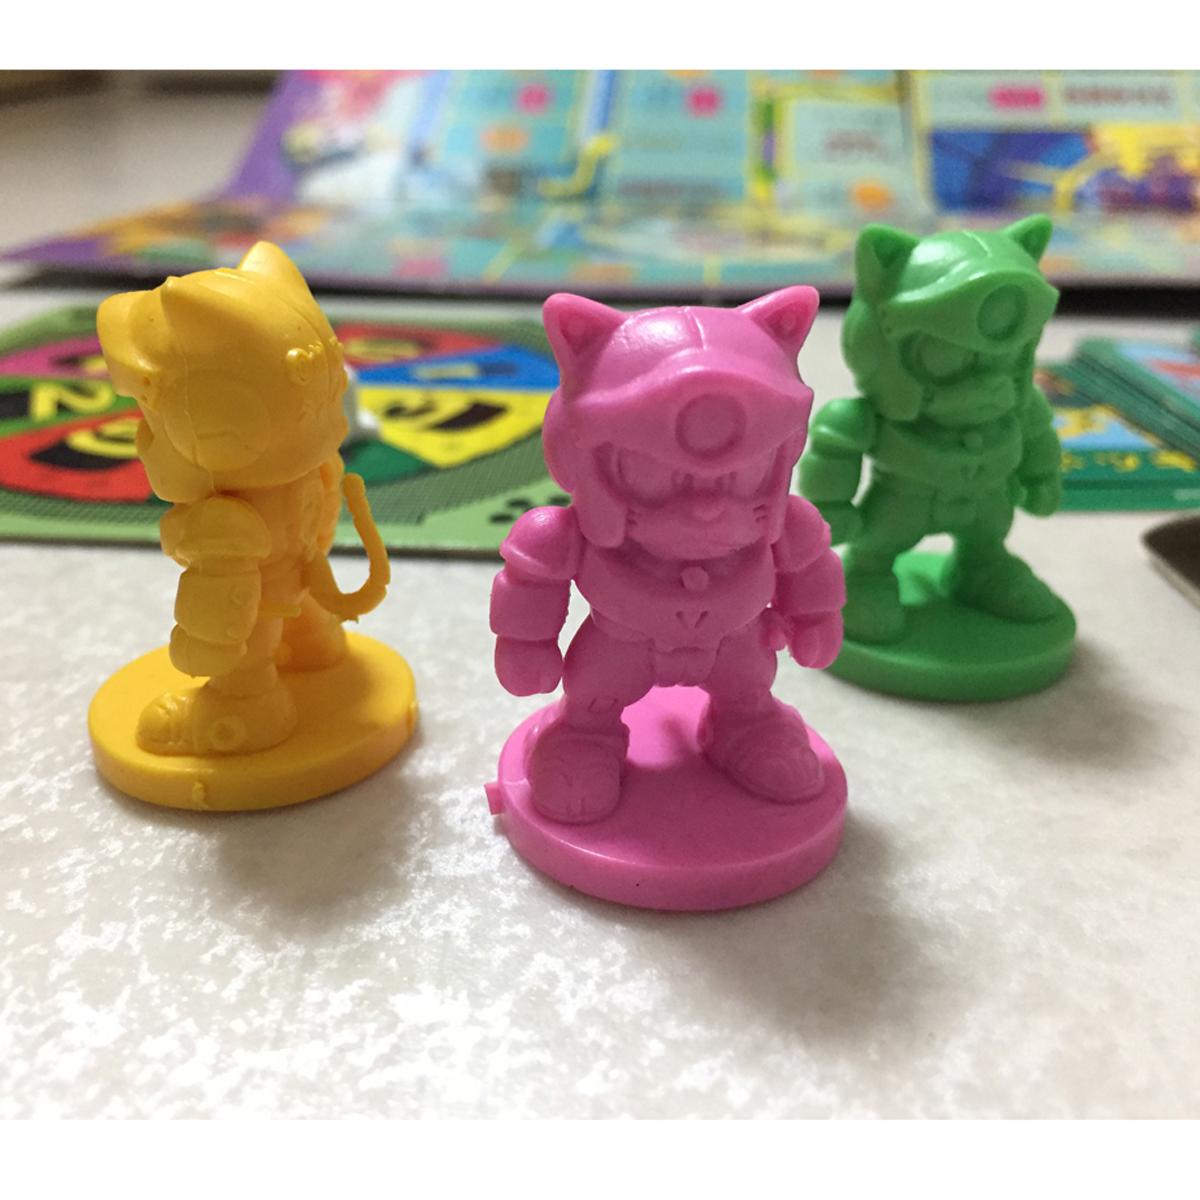 バンダイ キャッ党忍伝てやんでえ パーティジョイ Samurai Pizza Cats ボードゲーム パーティージョイ Board Games_画像4